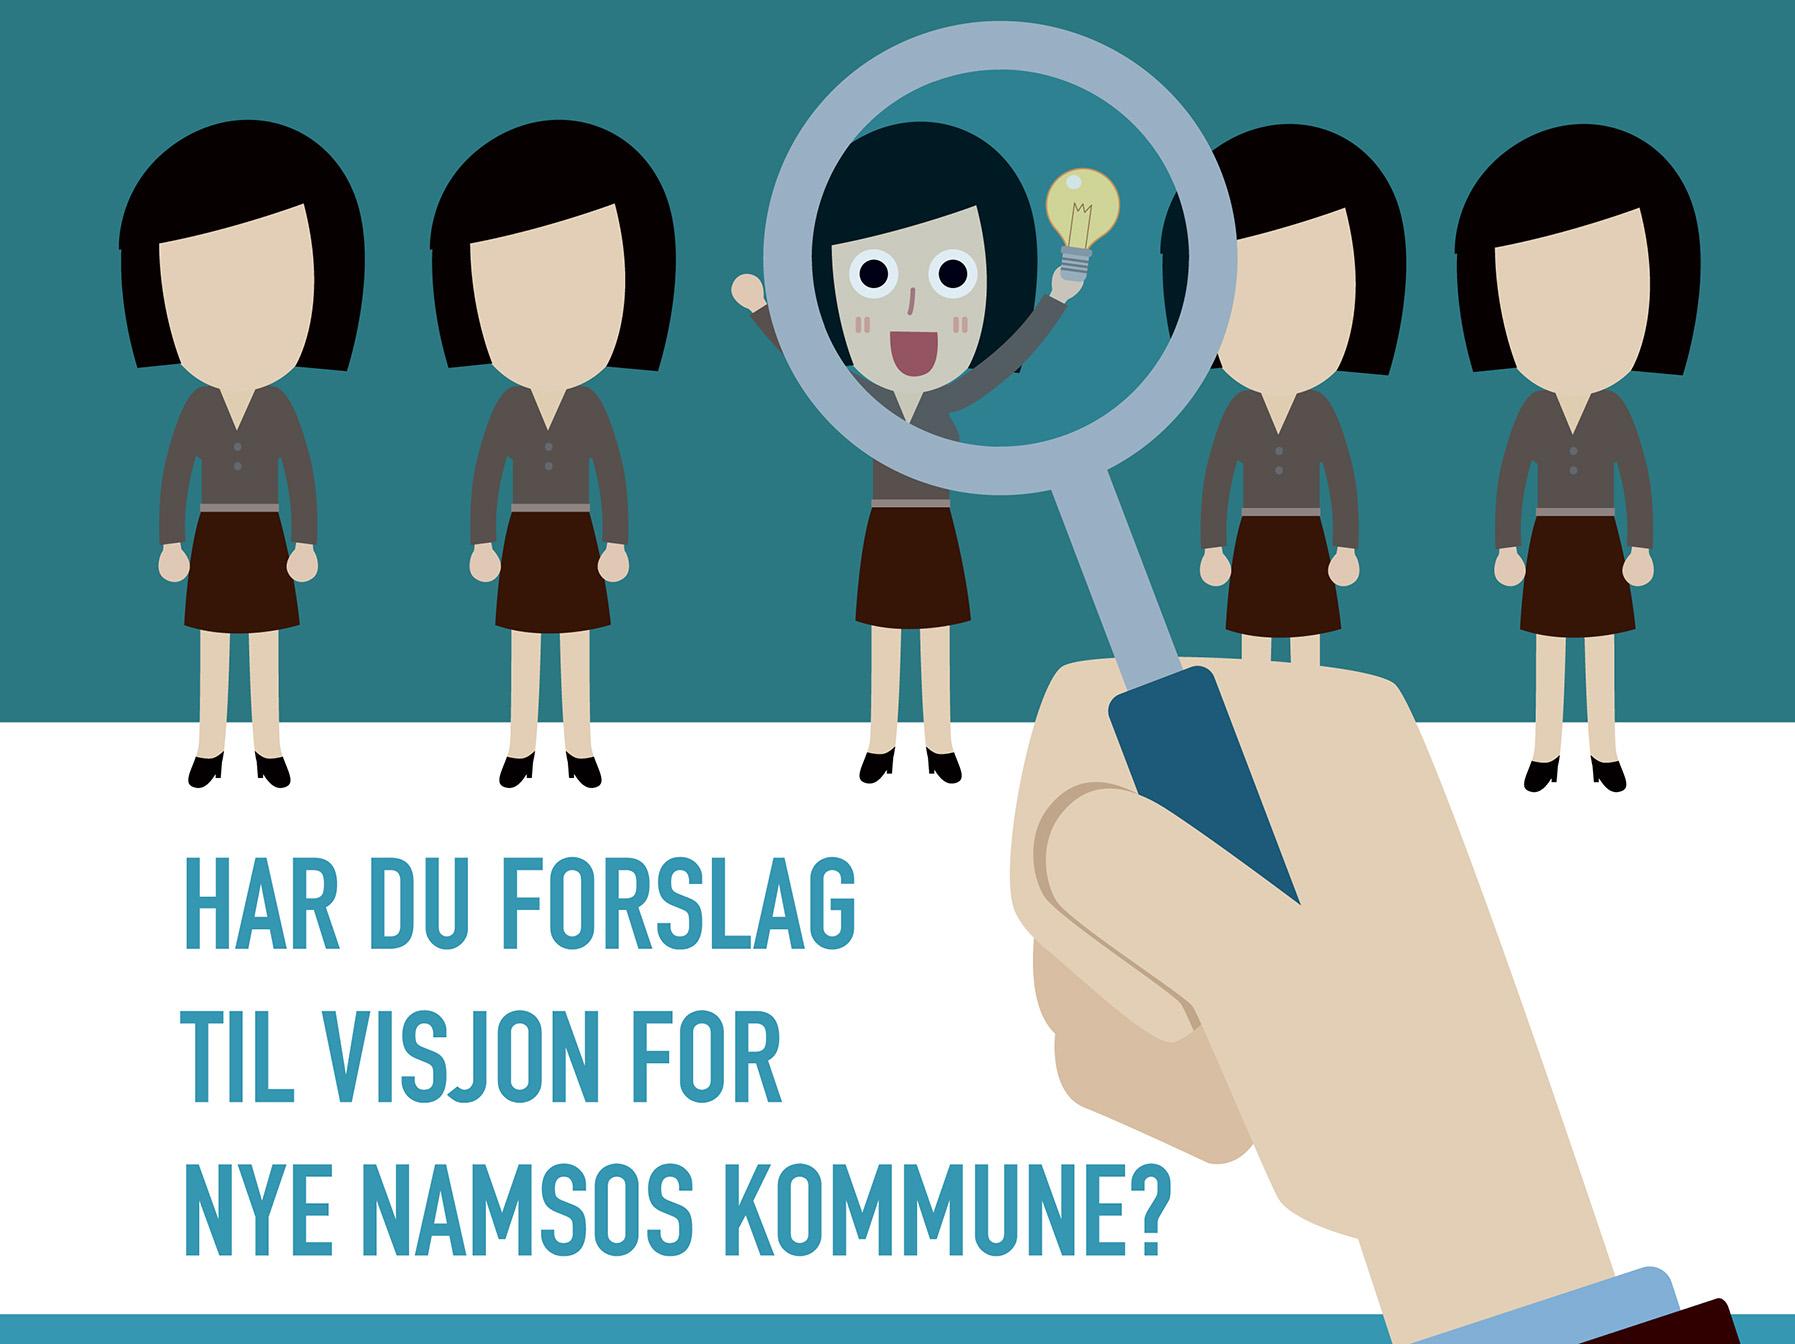 Namsos kommune ansatte